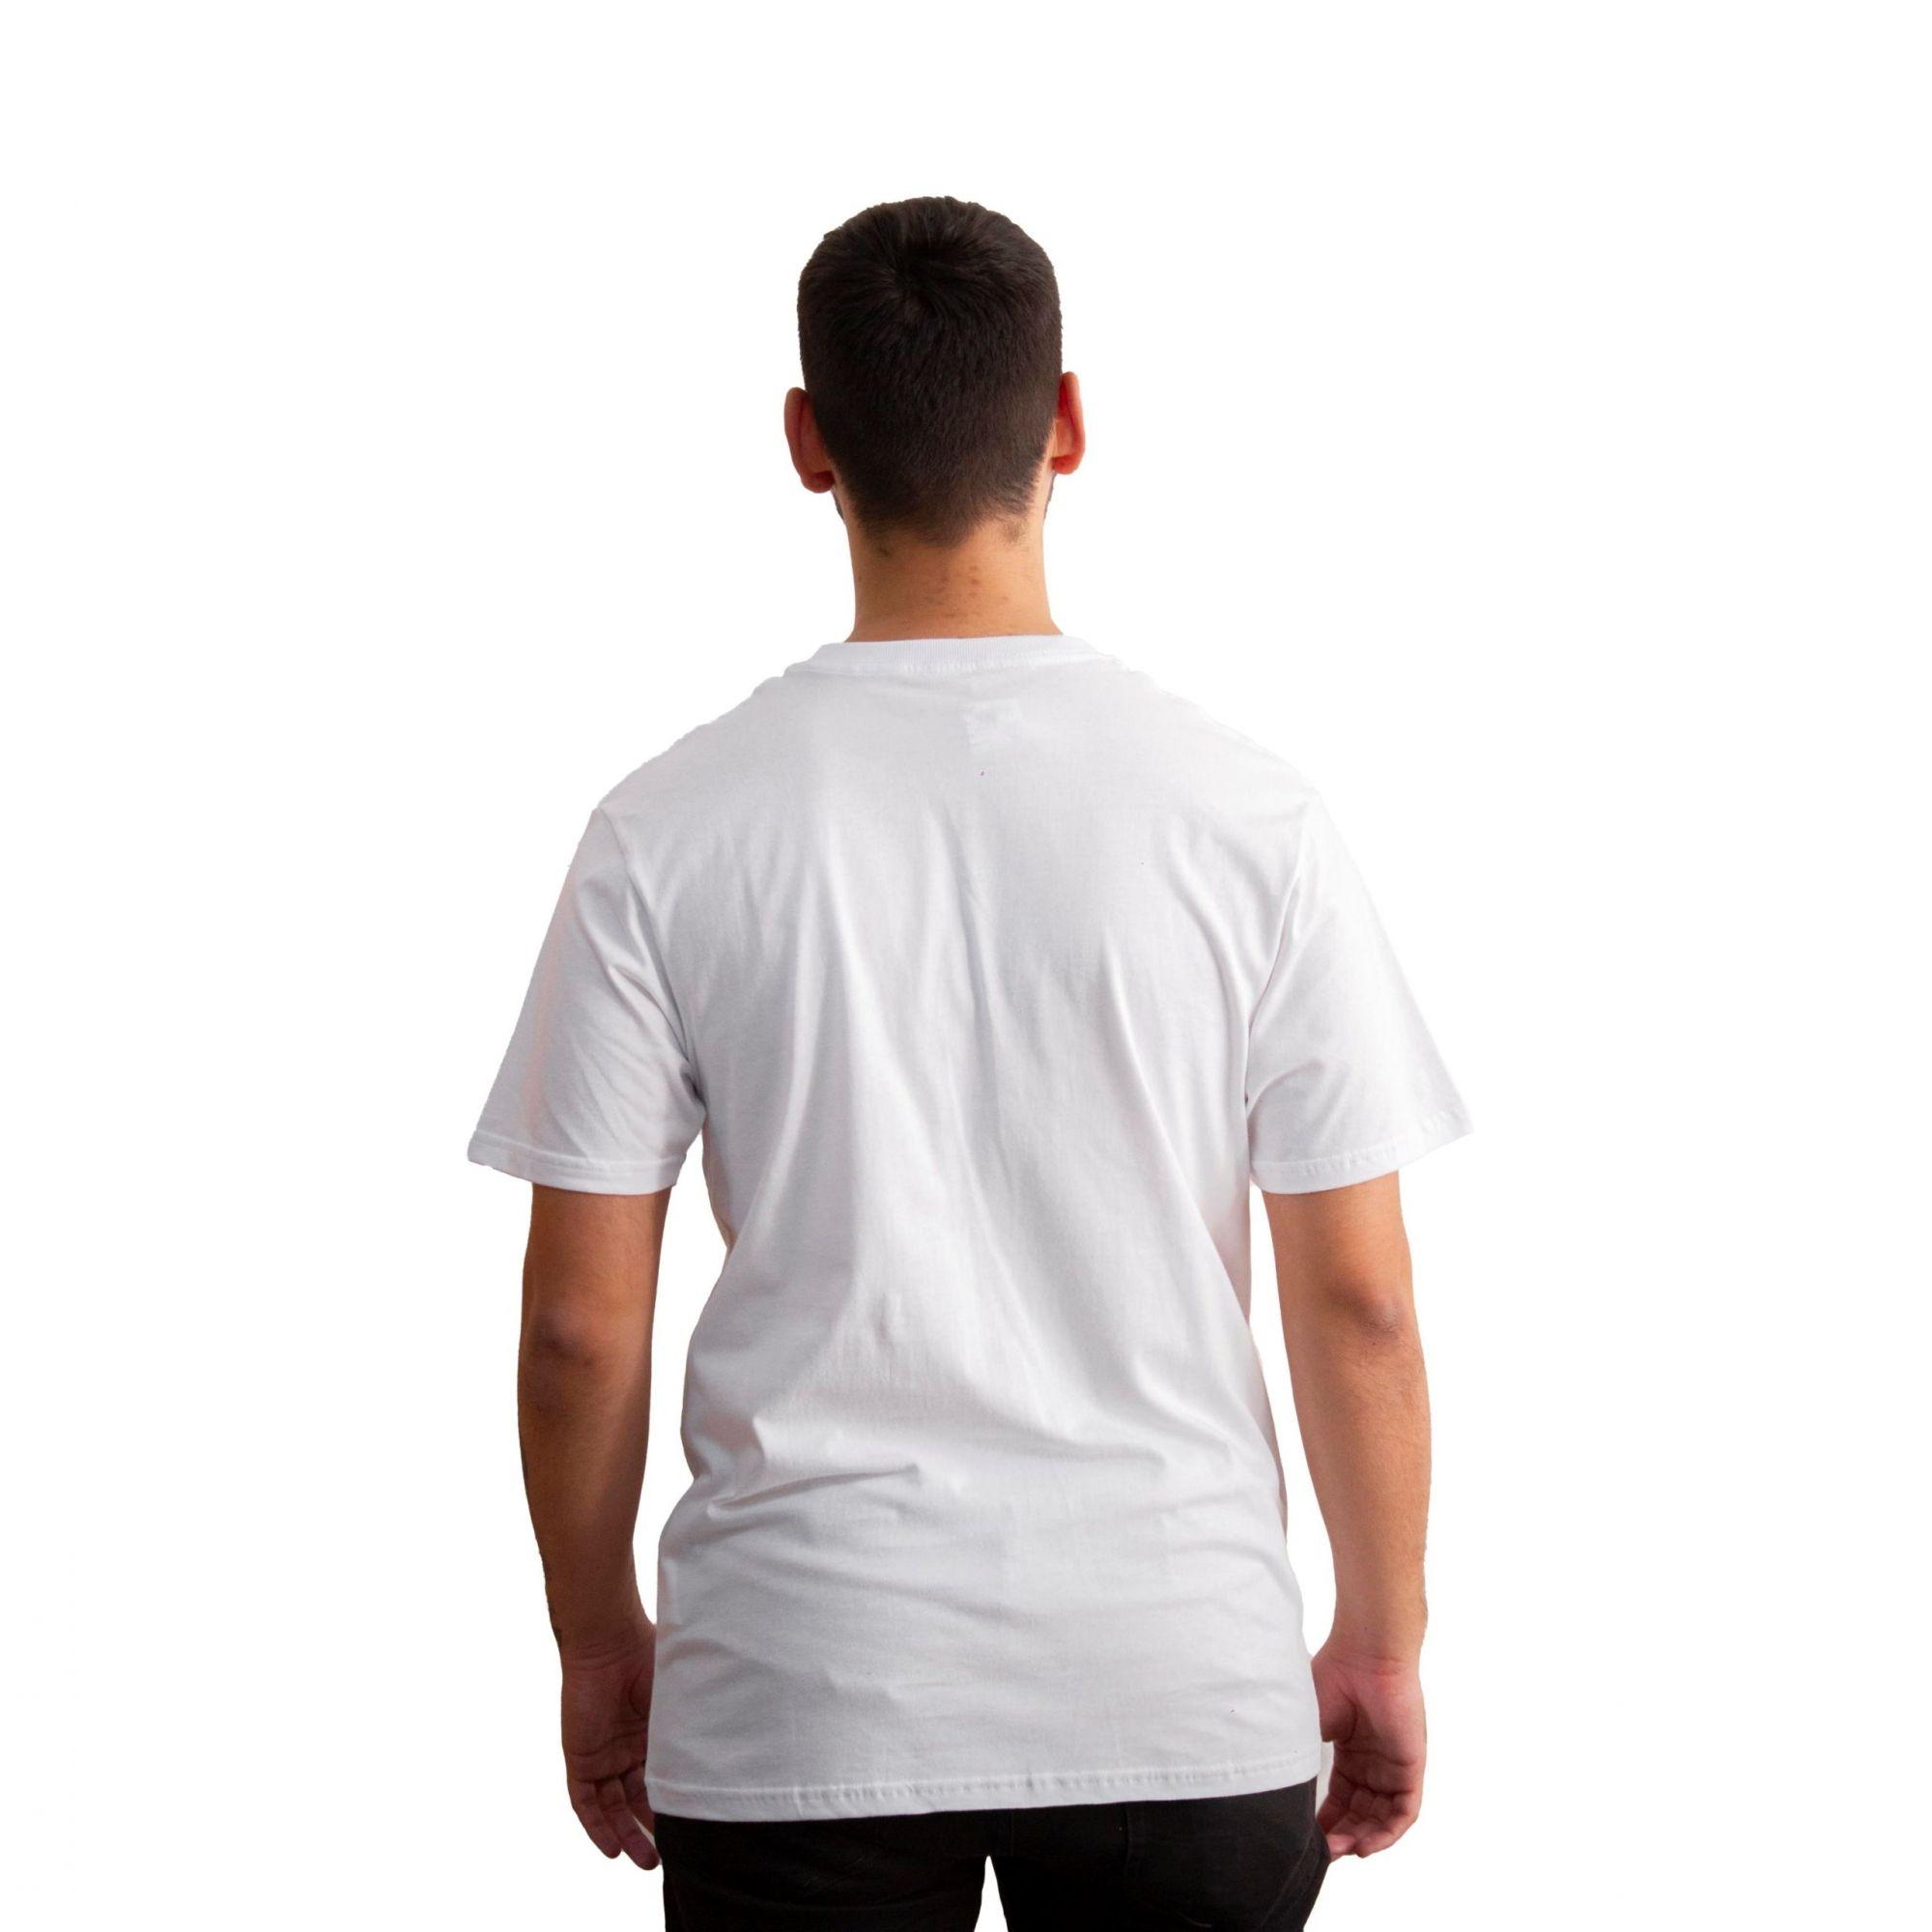 Camiseta Vans Slim Fit White